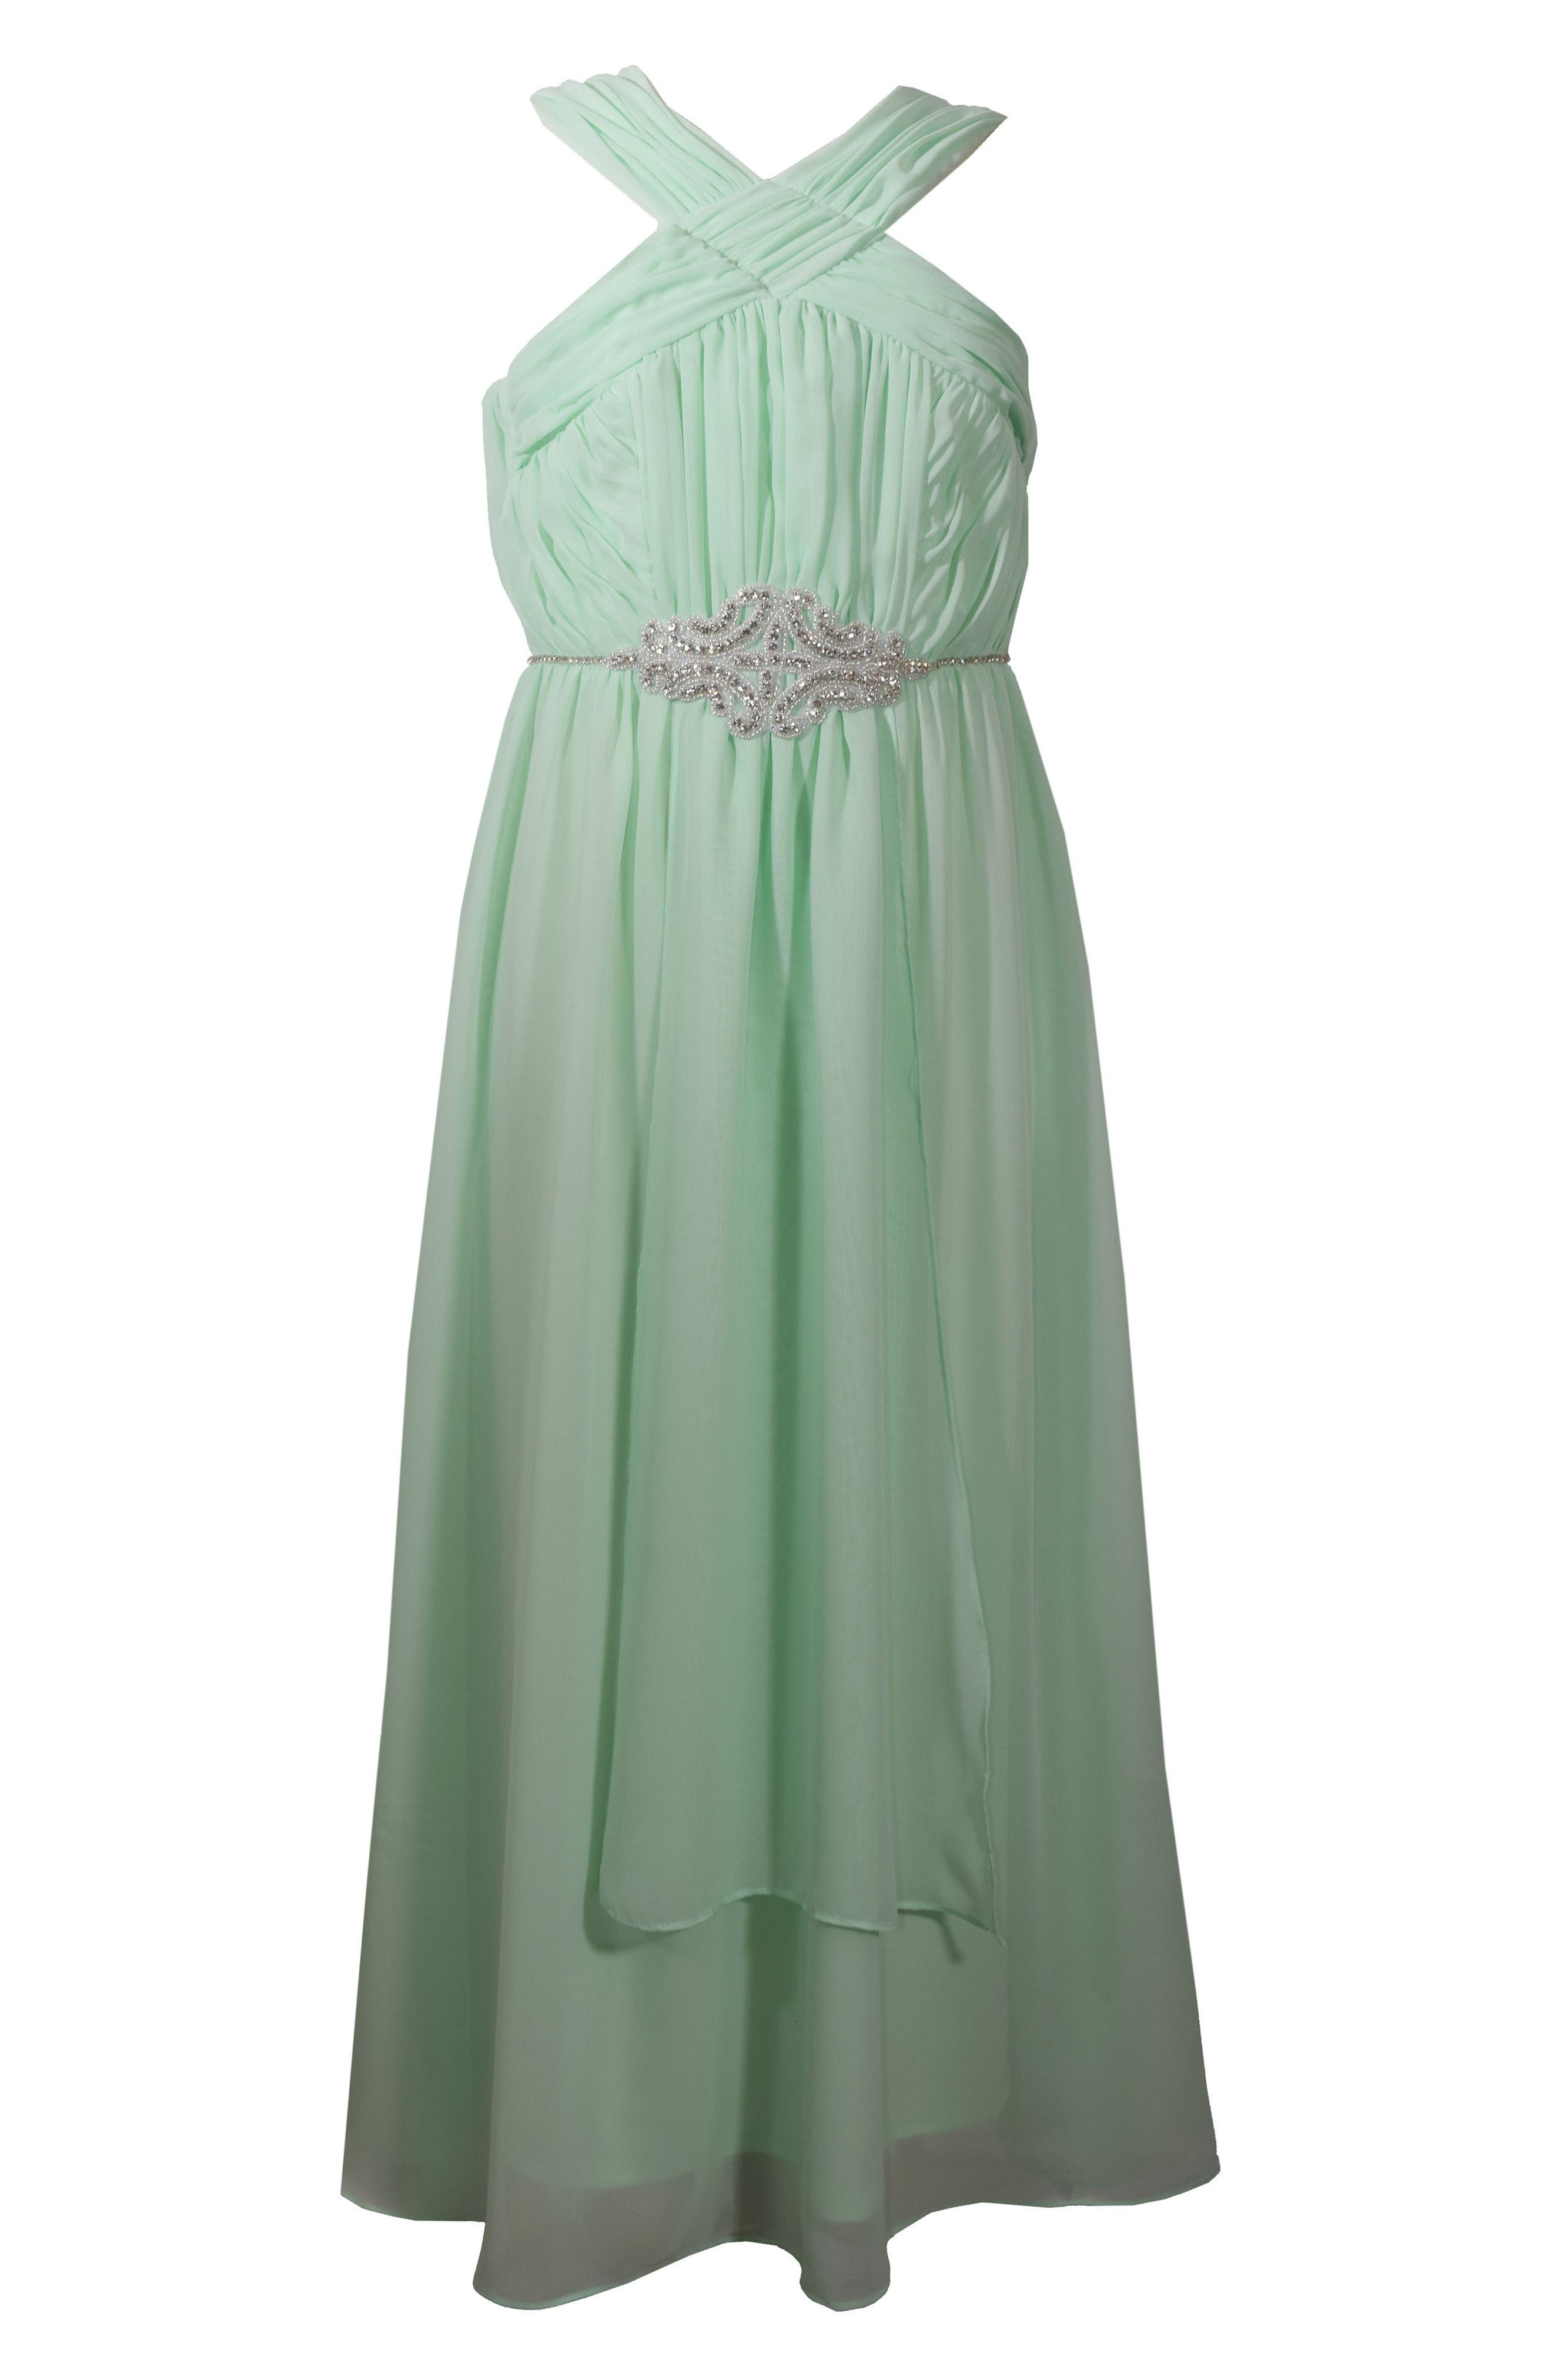 Iris & Ivy Sleeveless Chiffon Dress (Big Girls)